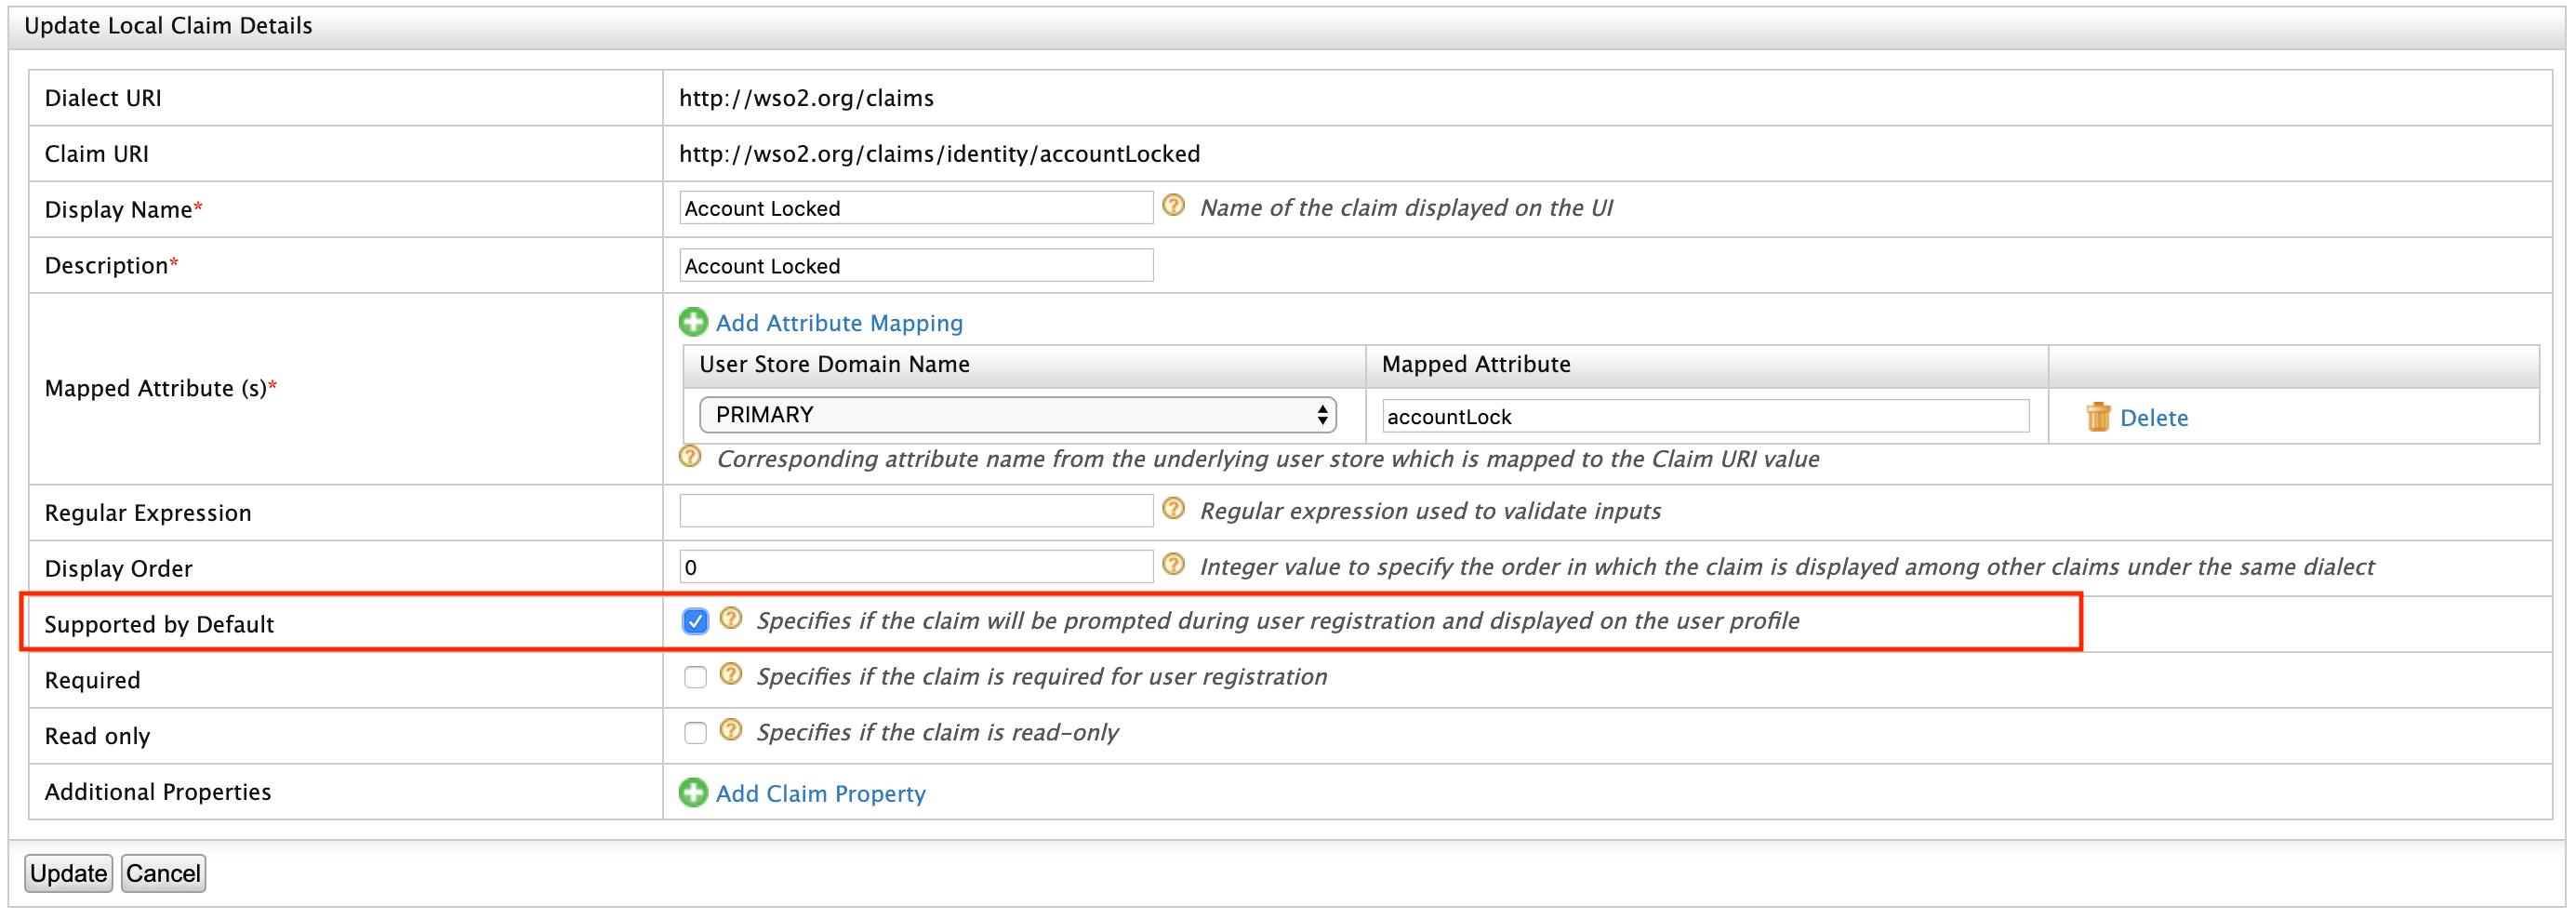 edit-account-lock-claim